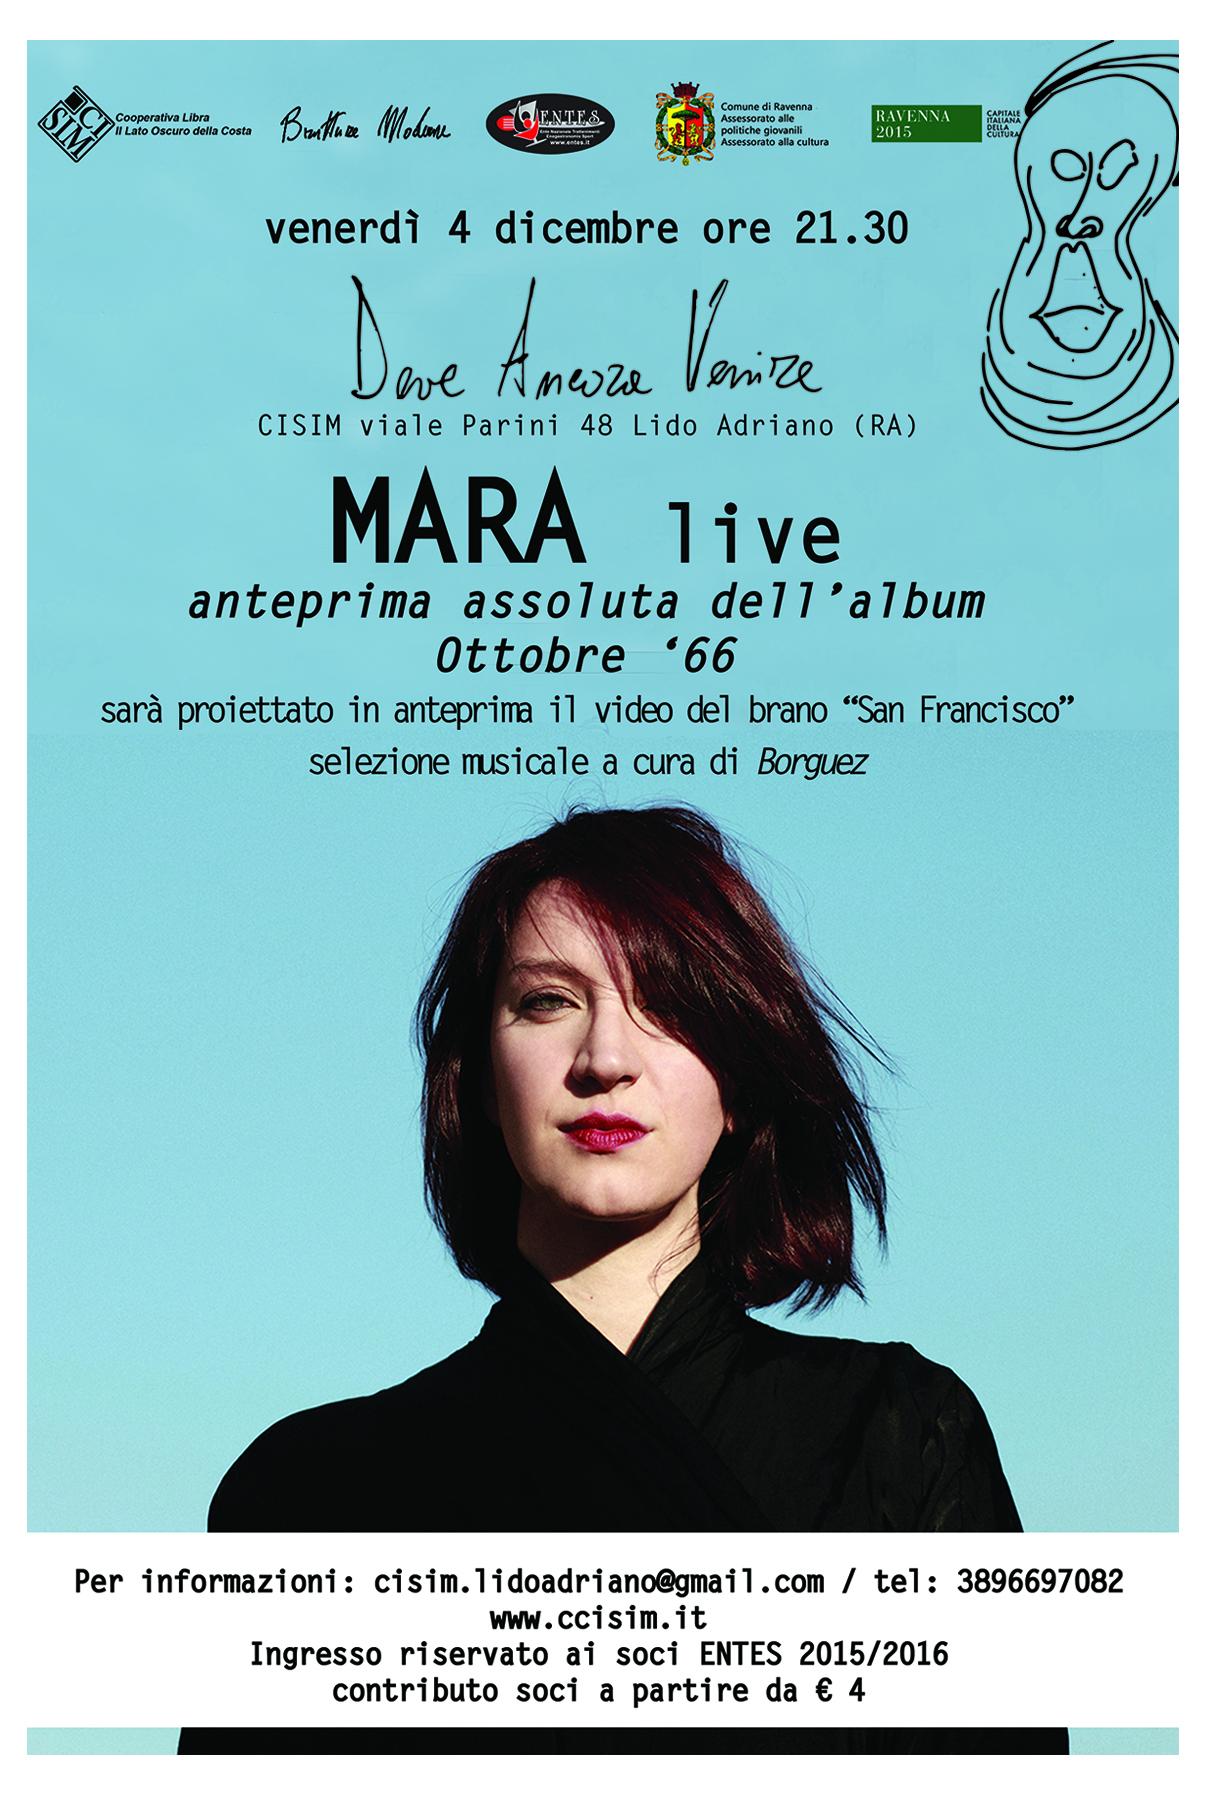 """4 dicembre 2015 – Deve Ancora Venire – MARA live – anteprima assoluta dell'album """"Ottobre '66"""""""